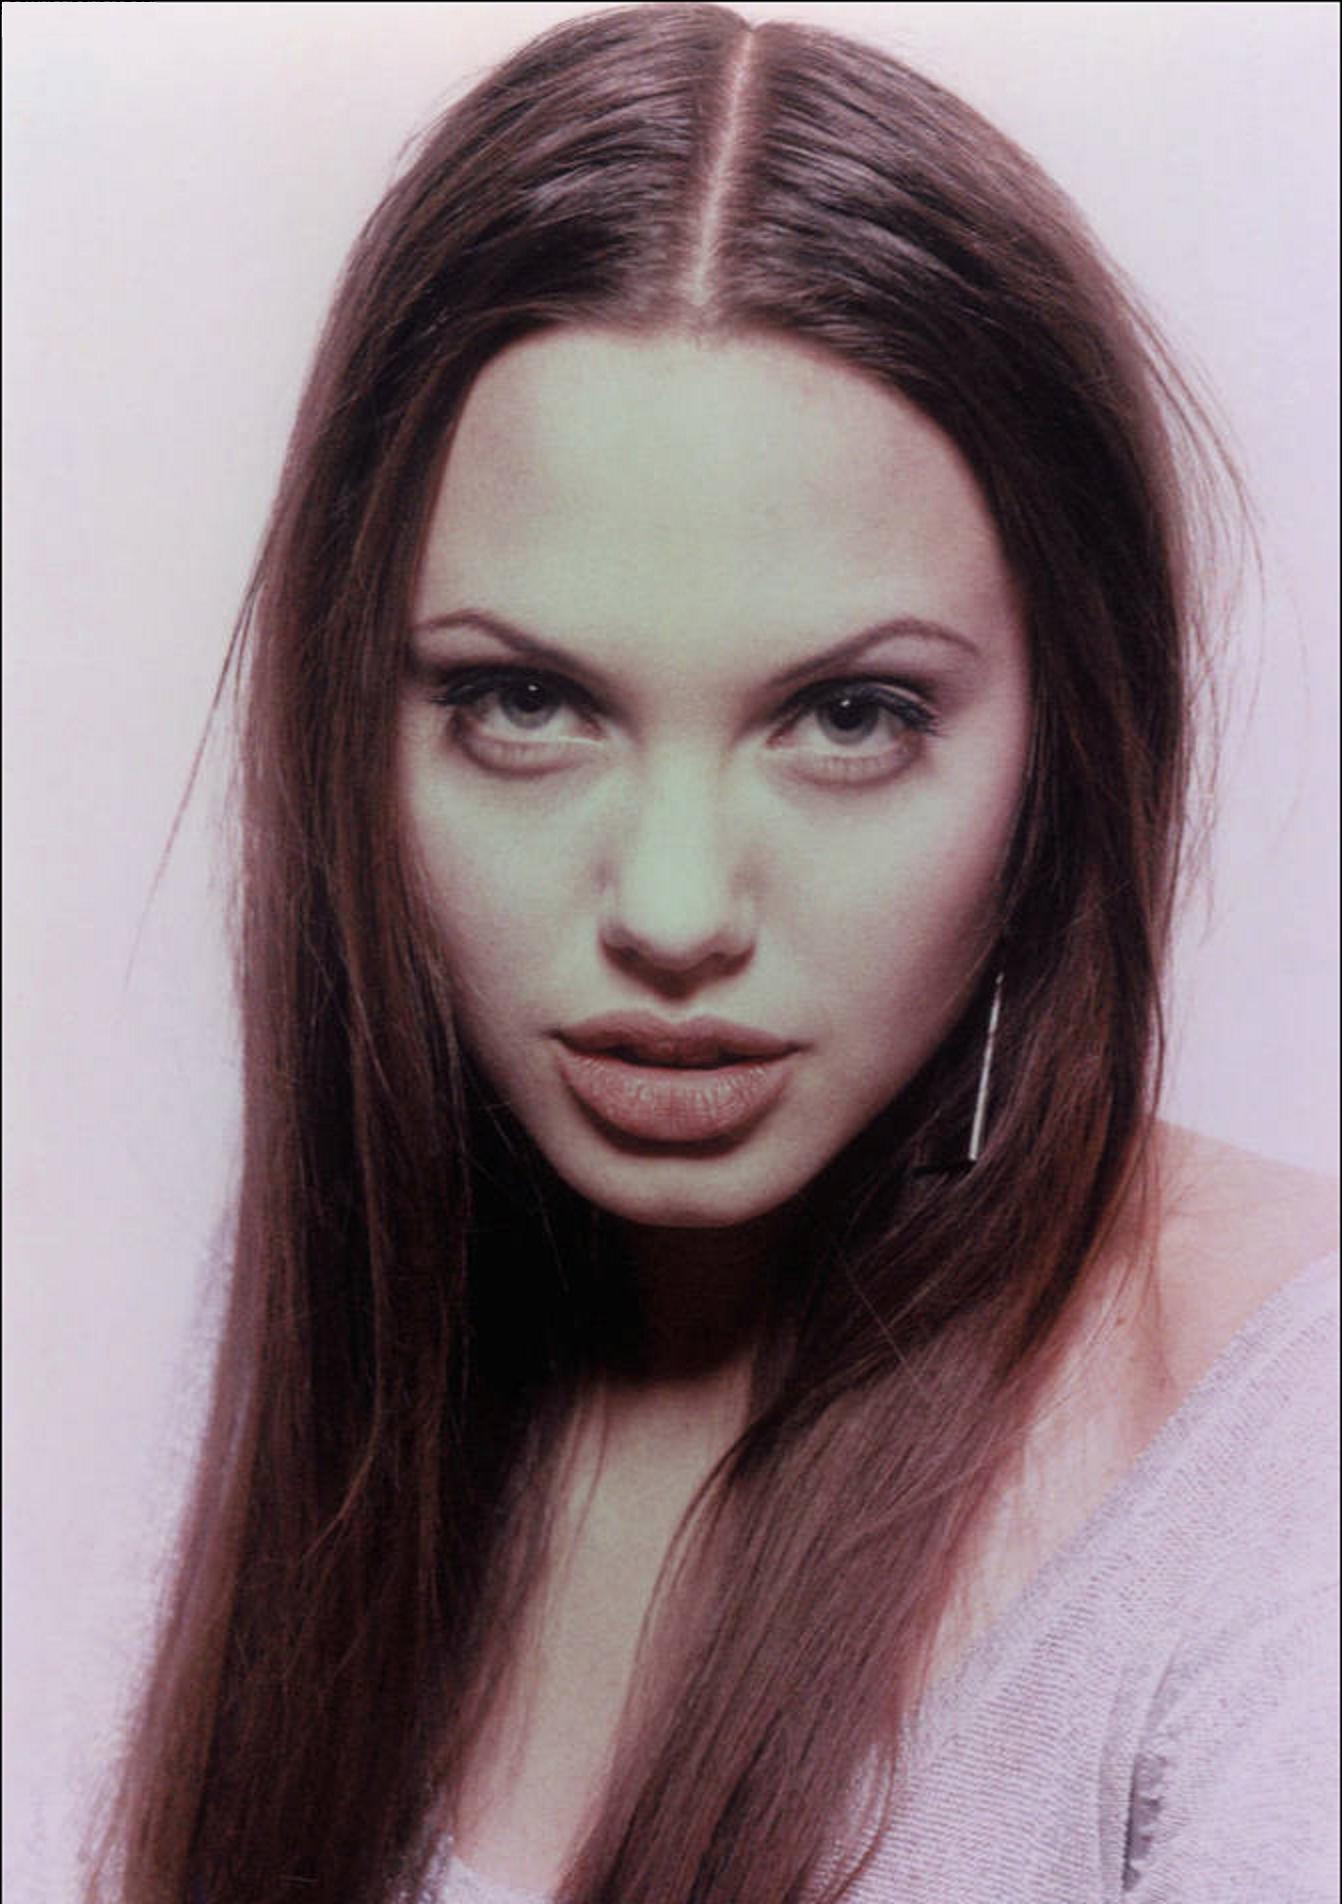 39392_Angelina_Jolie_Lionel_De_Luy_Photoshoot_03_122_355lo.jpg